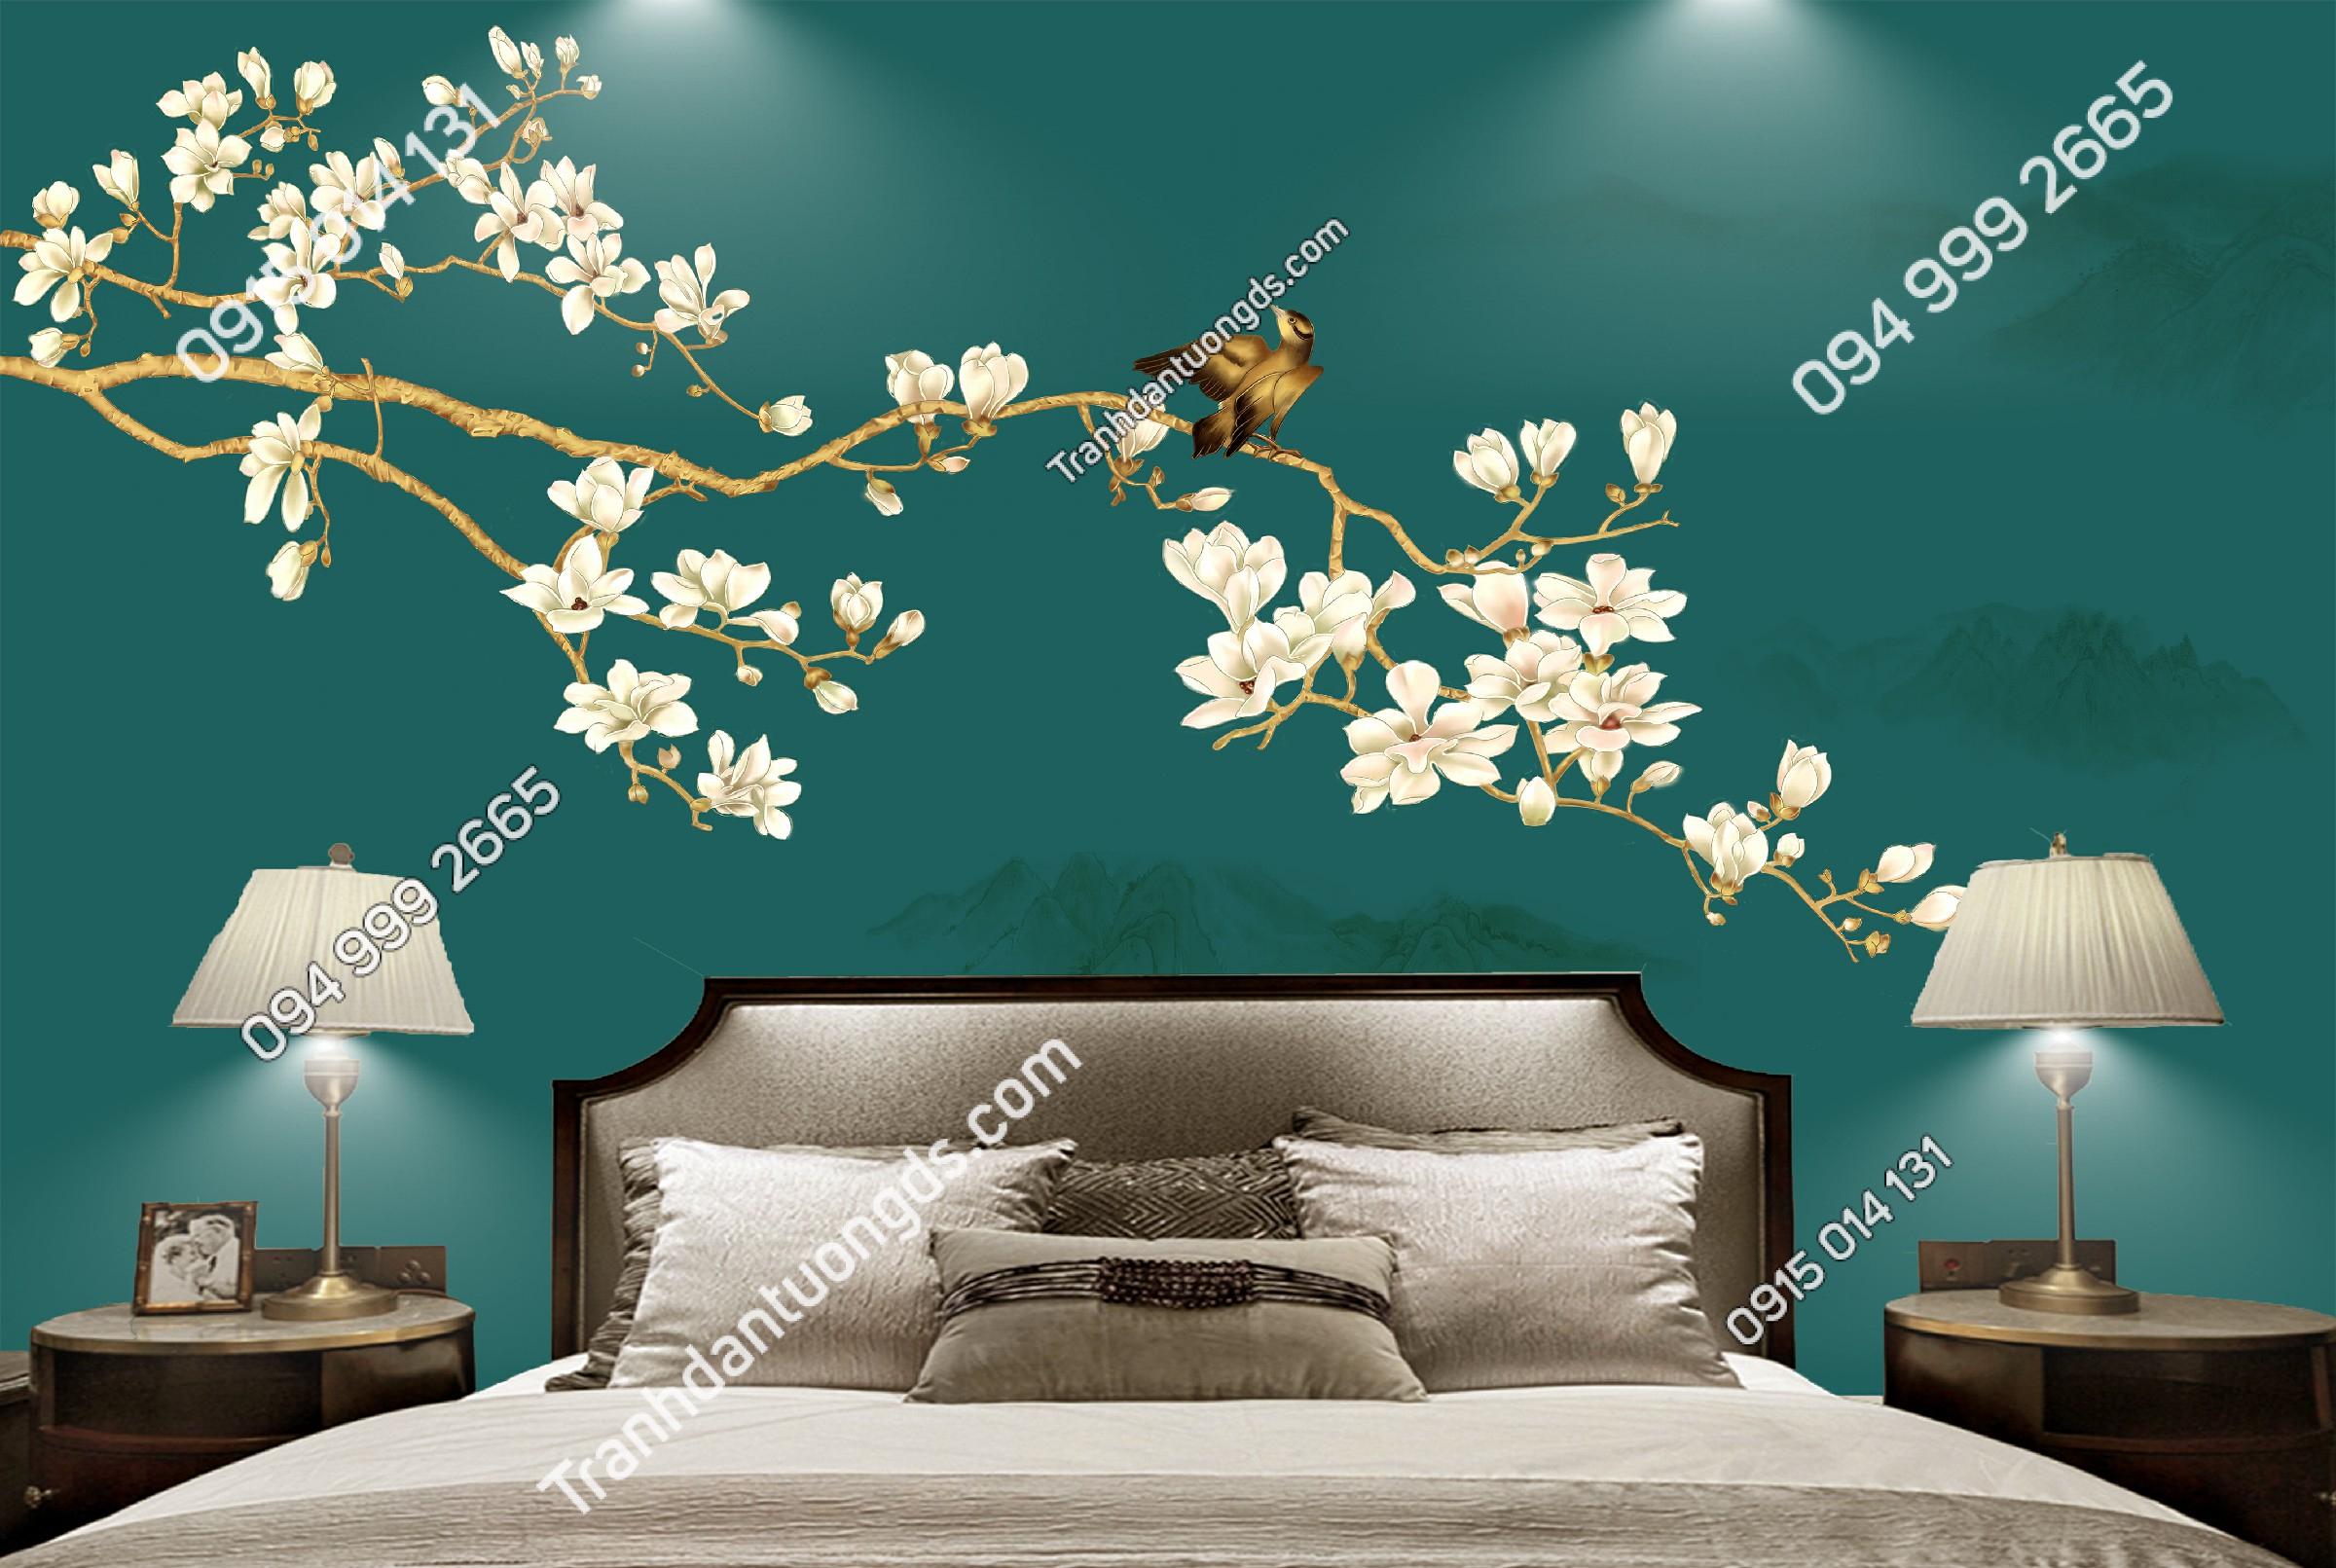 Tranh dán tường chim và hoa dán phòng ngủ - 11200 demo